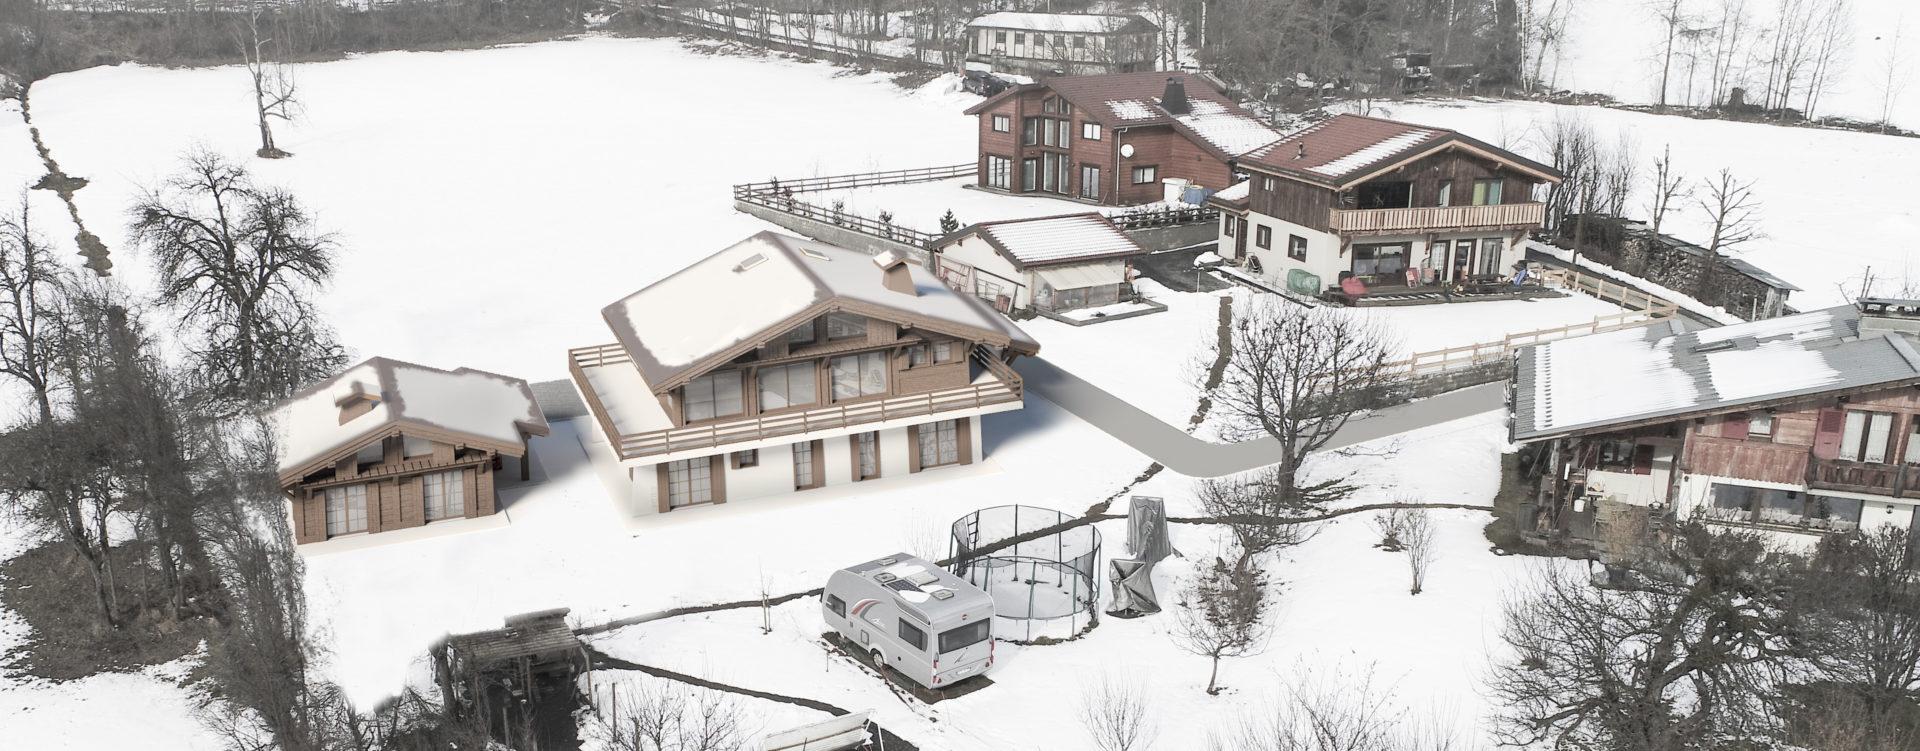 chalet préfabriqué : Chamonix